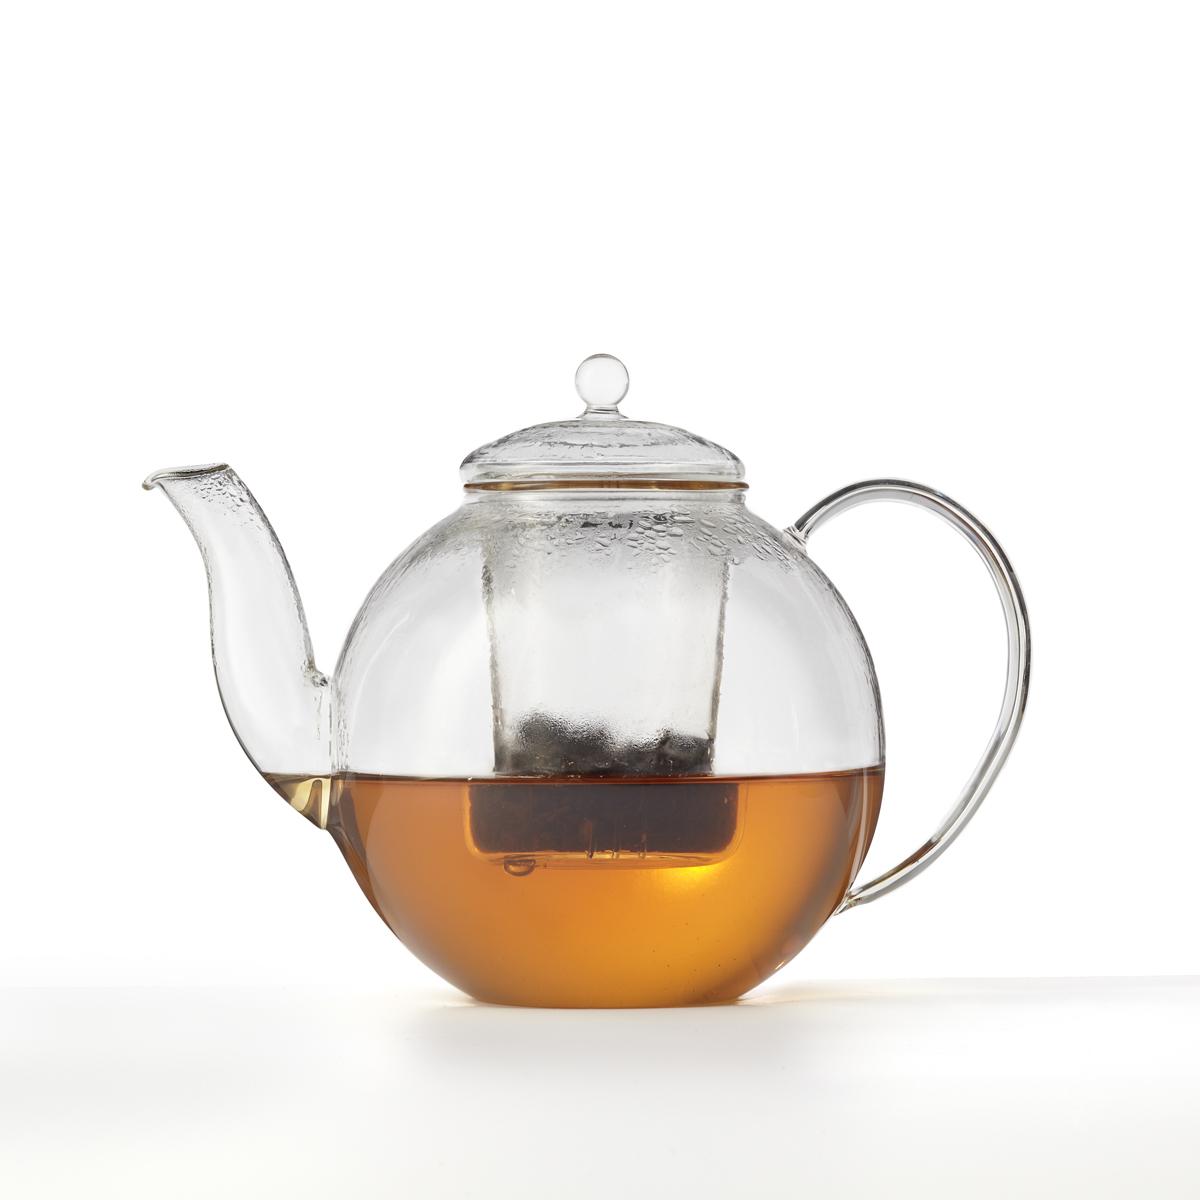 Teekanne 1 Liter : teekanne armonia 1 2 liter teetopf ~ Whattoseeinmadrid.com Haus und Dekorationen